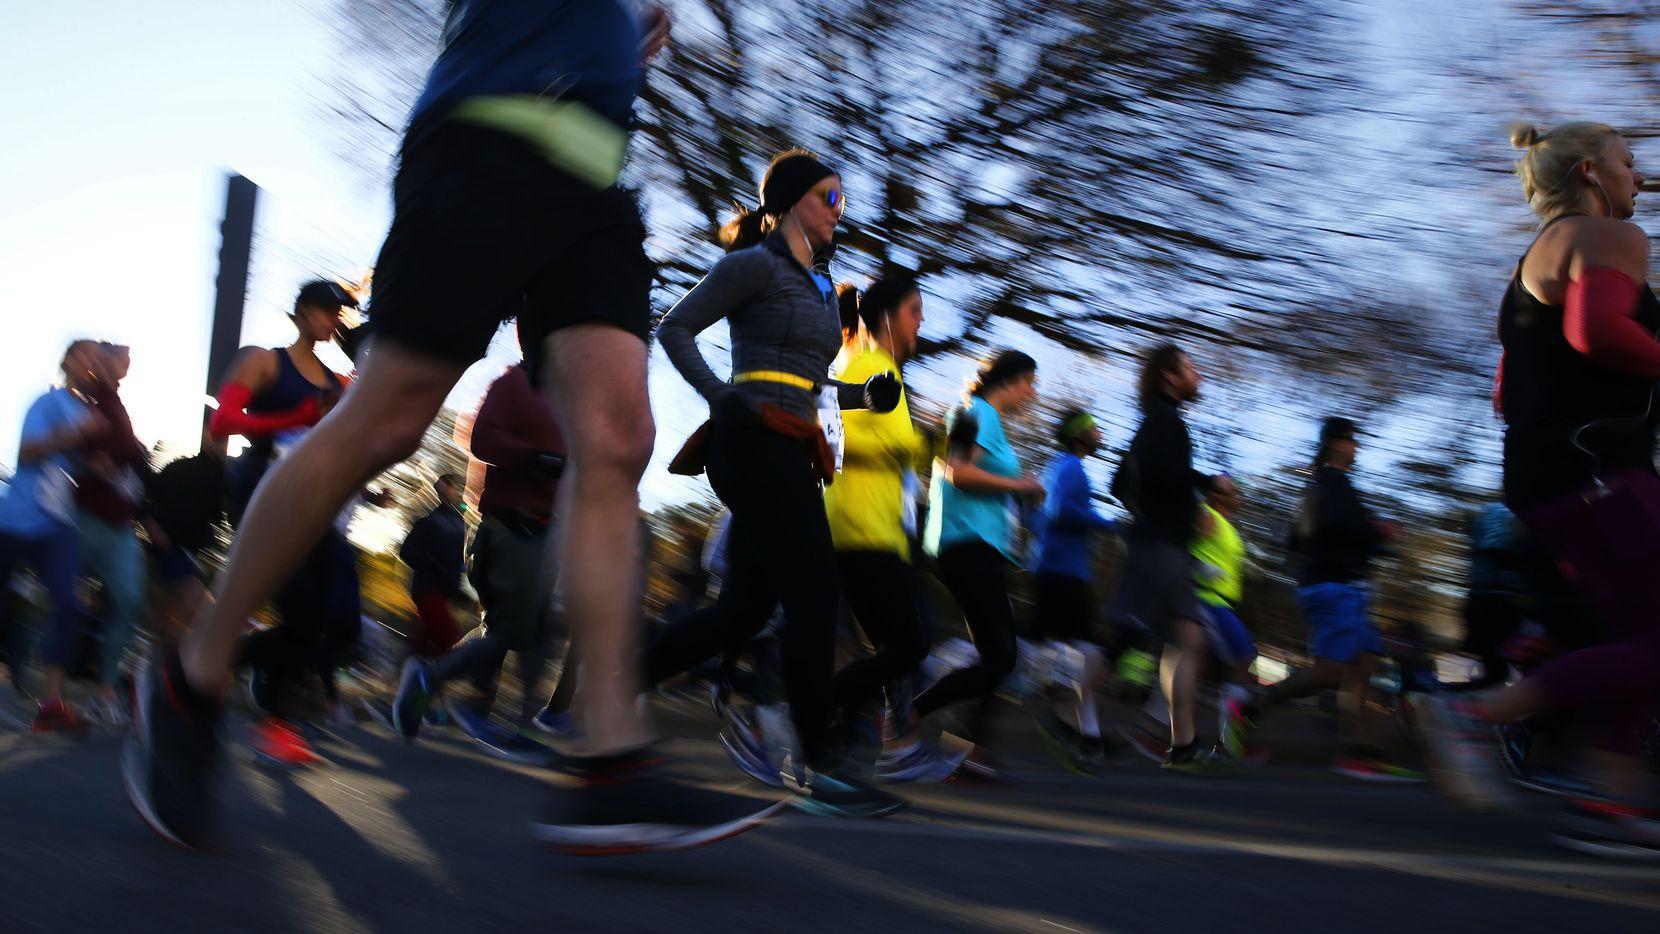 The BMW Dallas Marathon gets underway in downtown Dallas on Dec. 10, 2017.